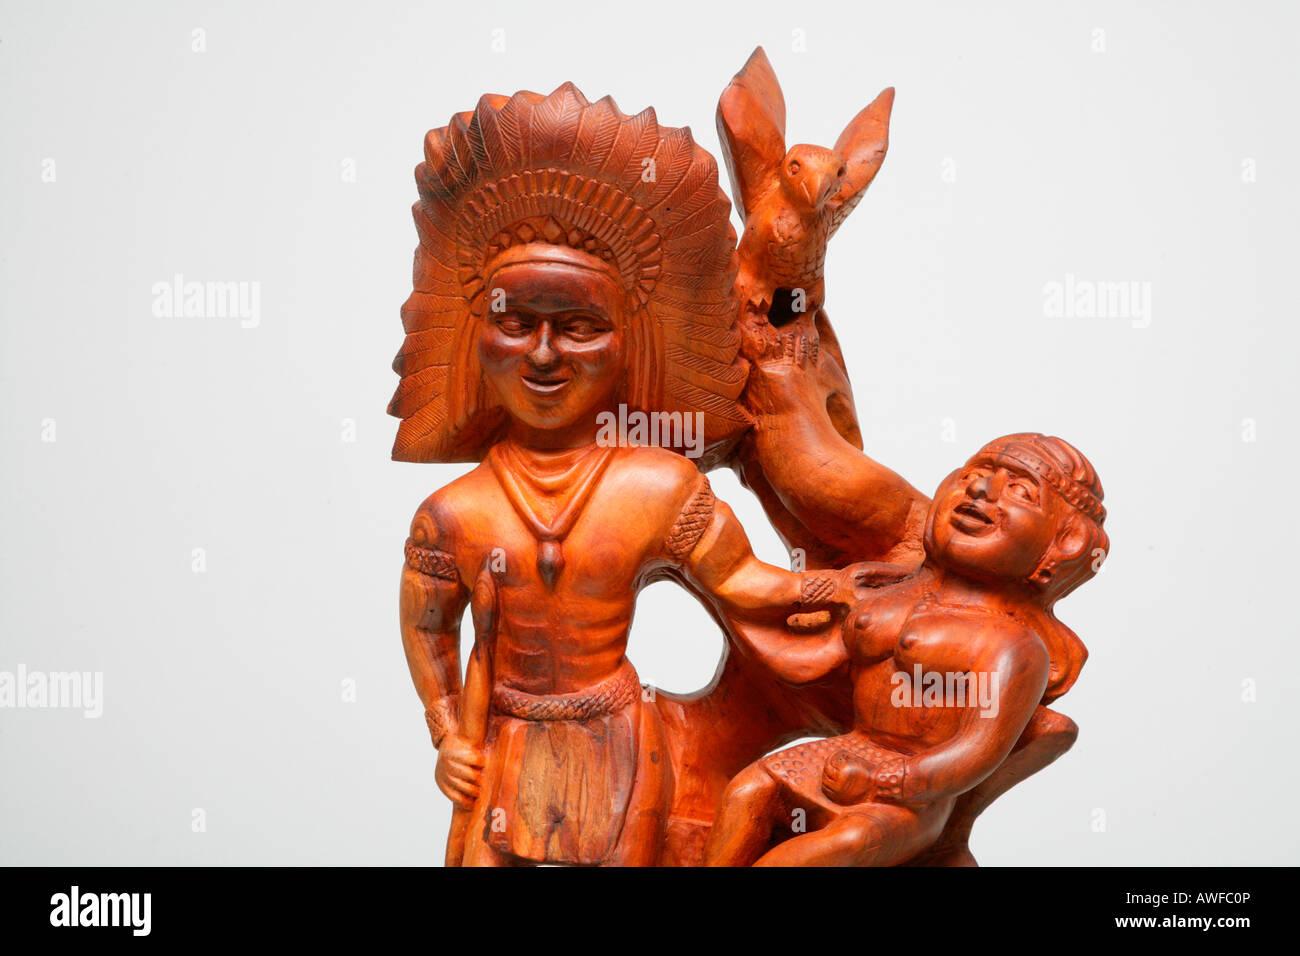 Teak carving amerindian lovers indigenous art guyana